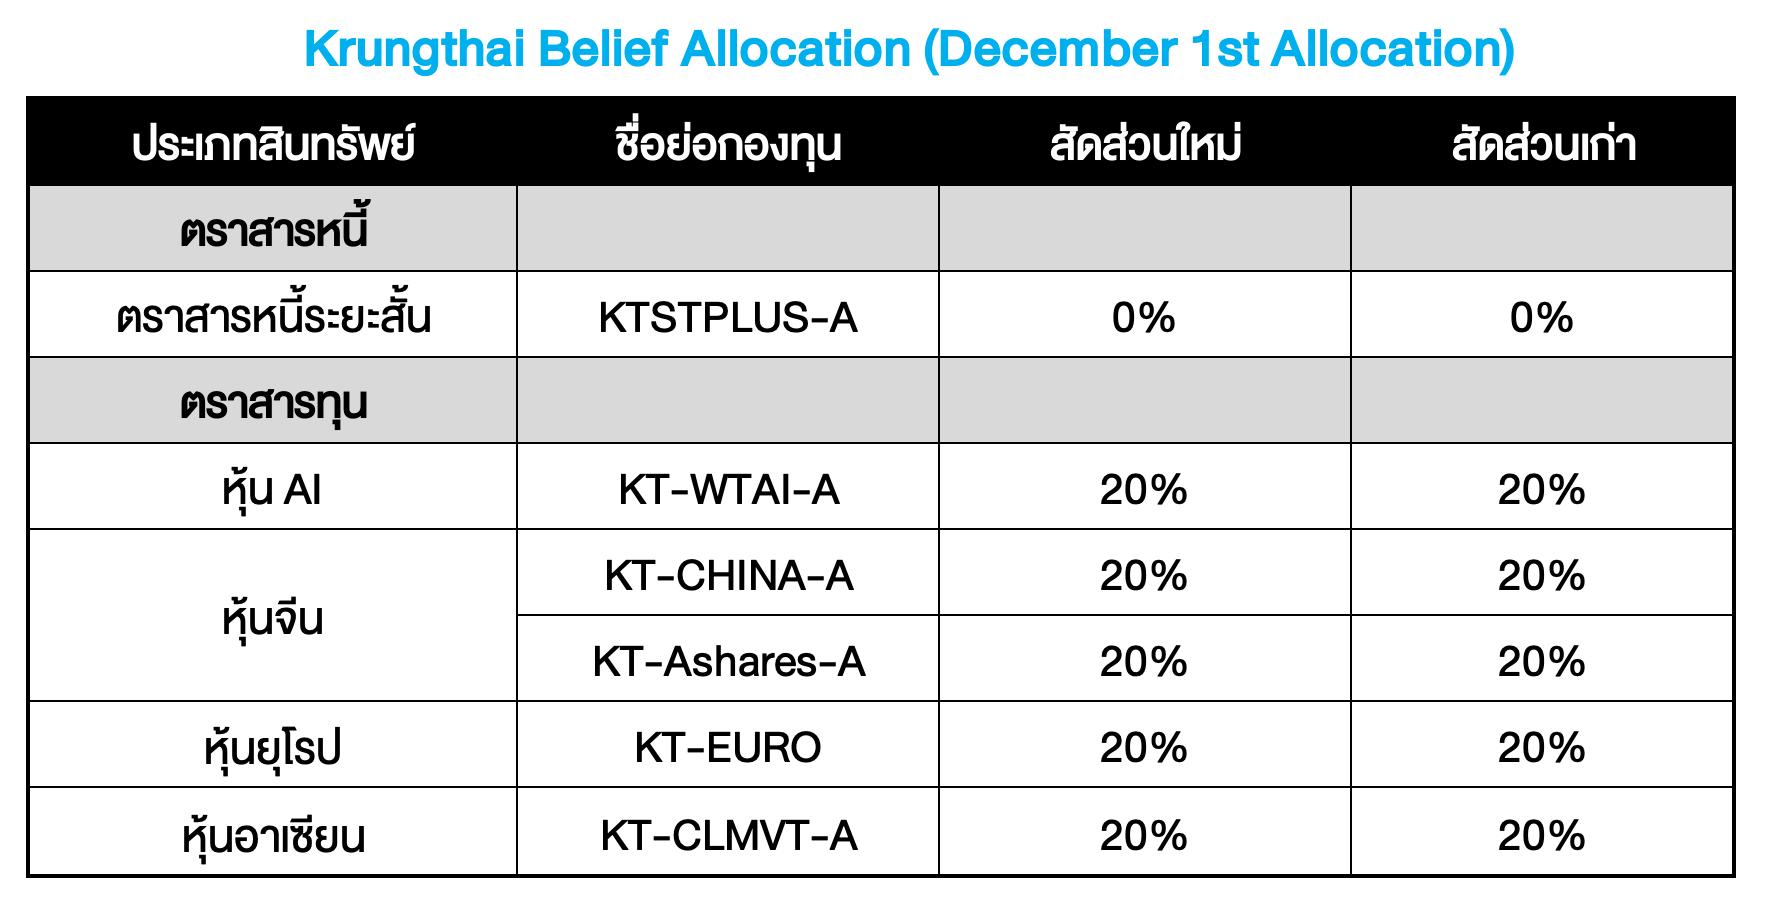 Krungthai Belief Allocation อัปเดตมุมมองเดือน ธ.ค. 2020 : Rally to Infinity หลากปัจจัยลงทุนจากหลายมุมมองระยะใกล้ ลุ้นทะยานไกลไปถึง Infinity !!!